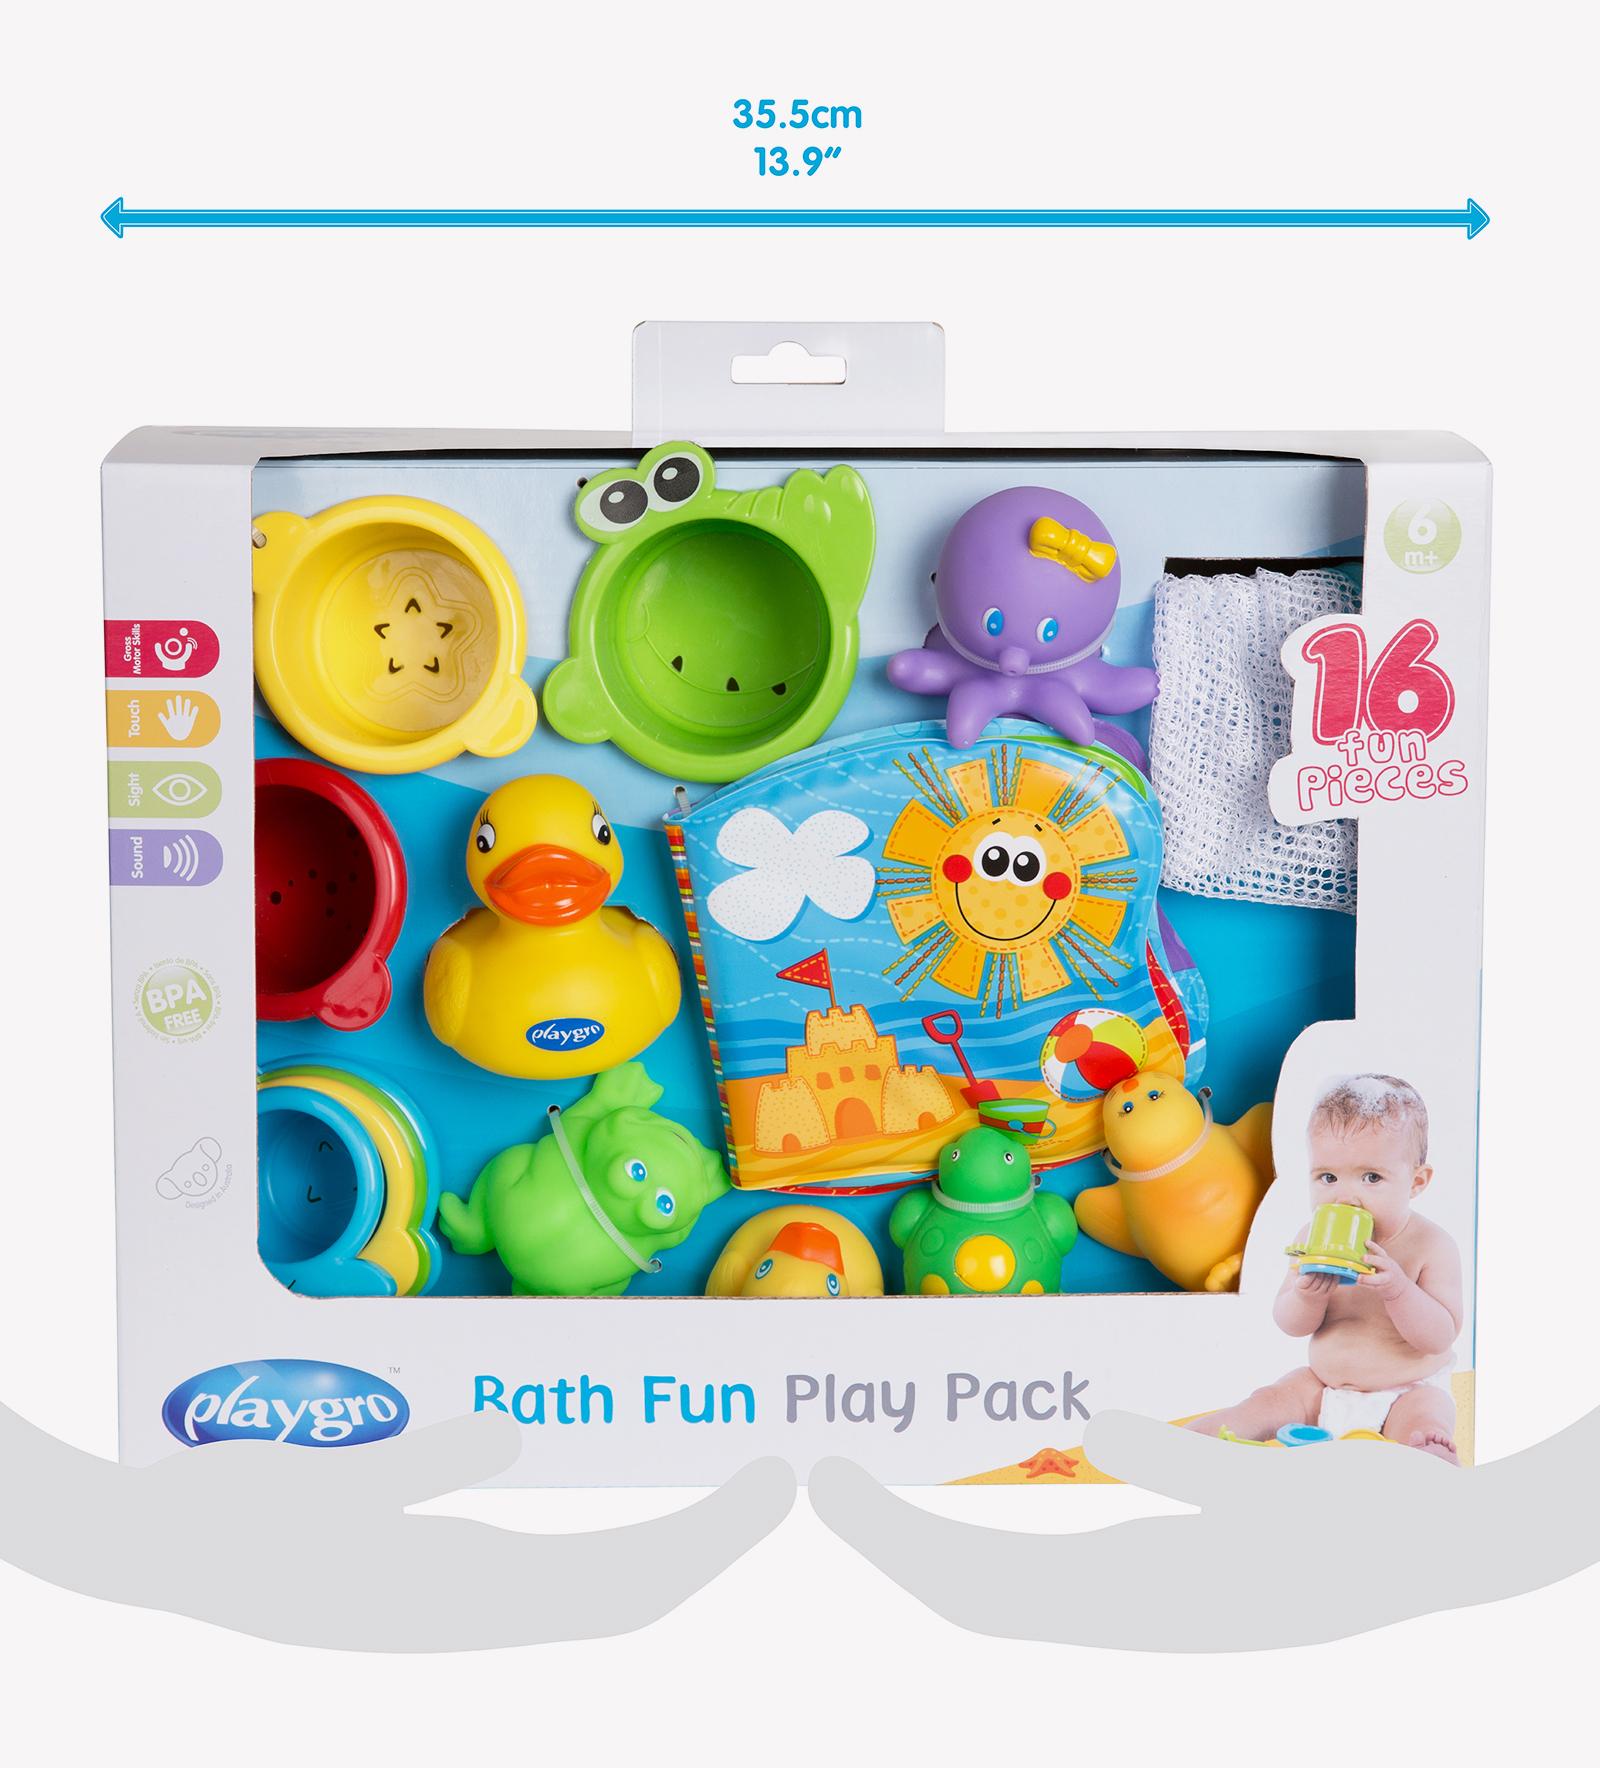 Bath Fun Play Pack 4